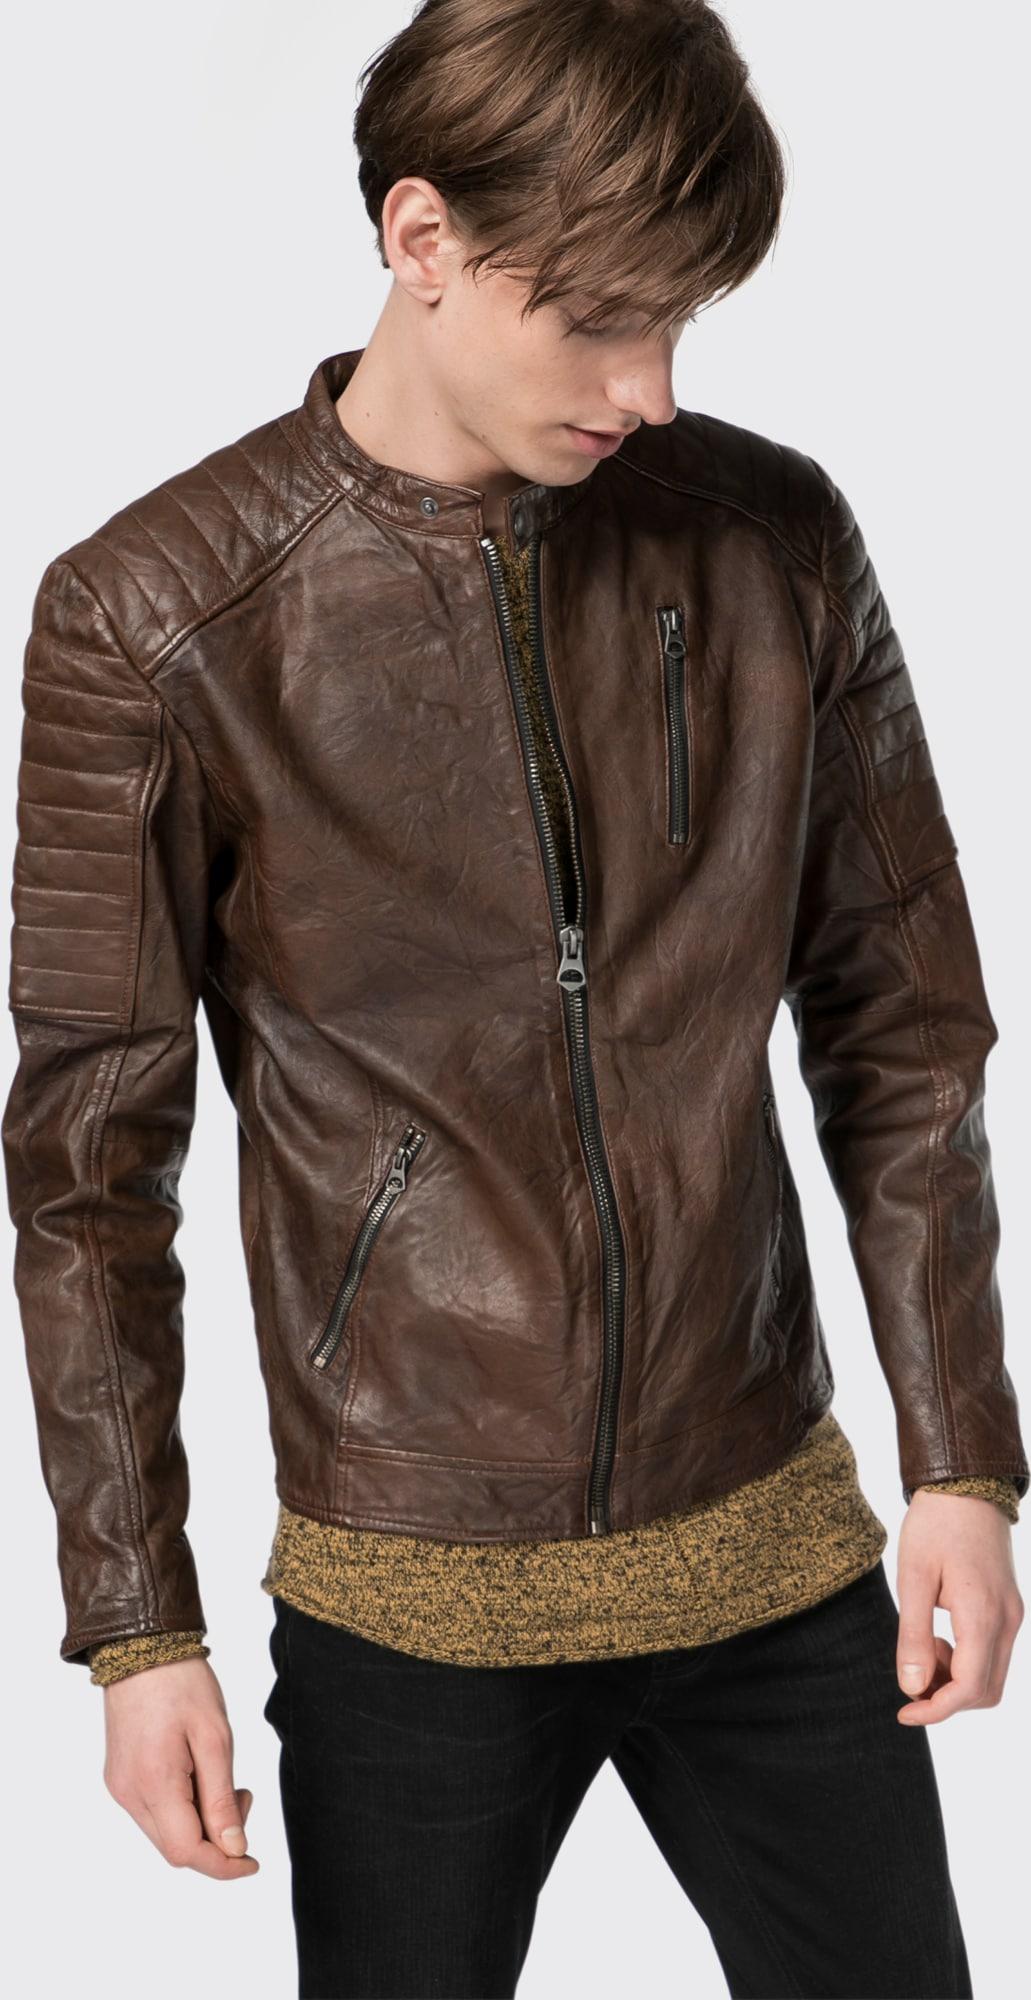 jack jones lederjacke 39 jjvrichard lamb leather jacket. Black Bedroom Furniture Sets. Home Design Ideas